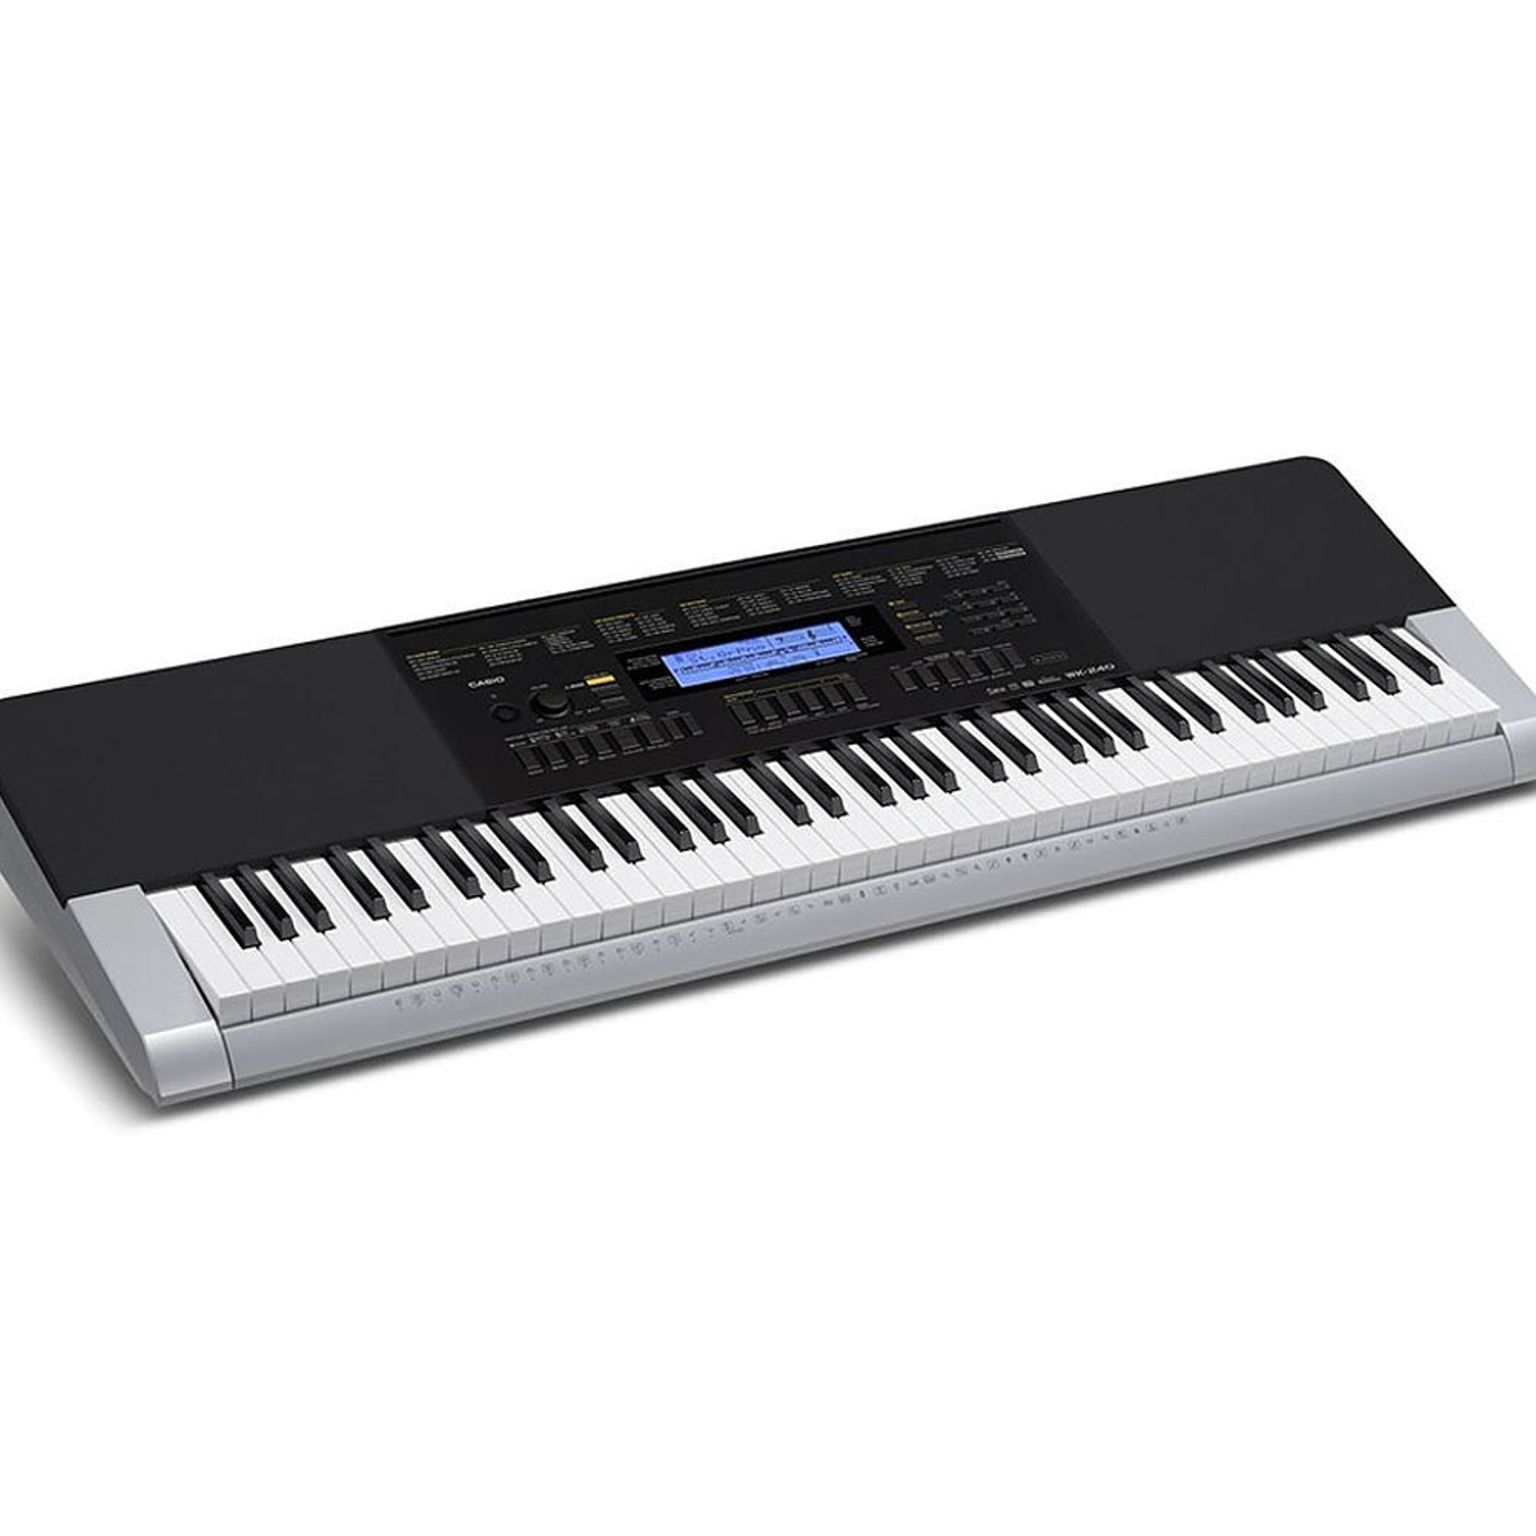 Casio-WK-240-Keyboard-10dda97jpg